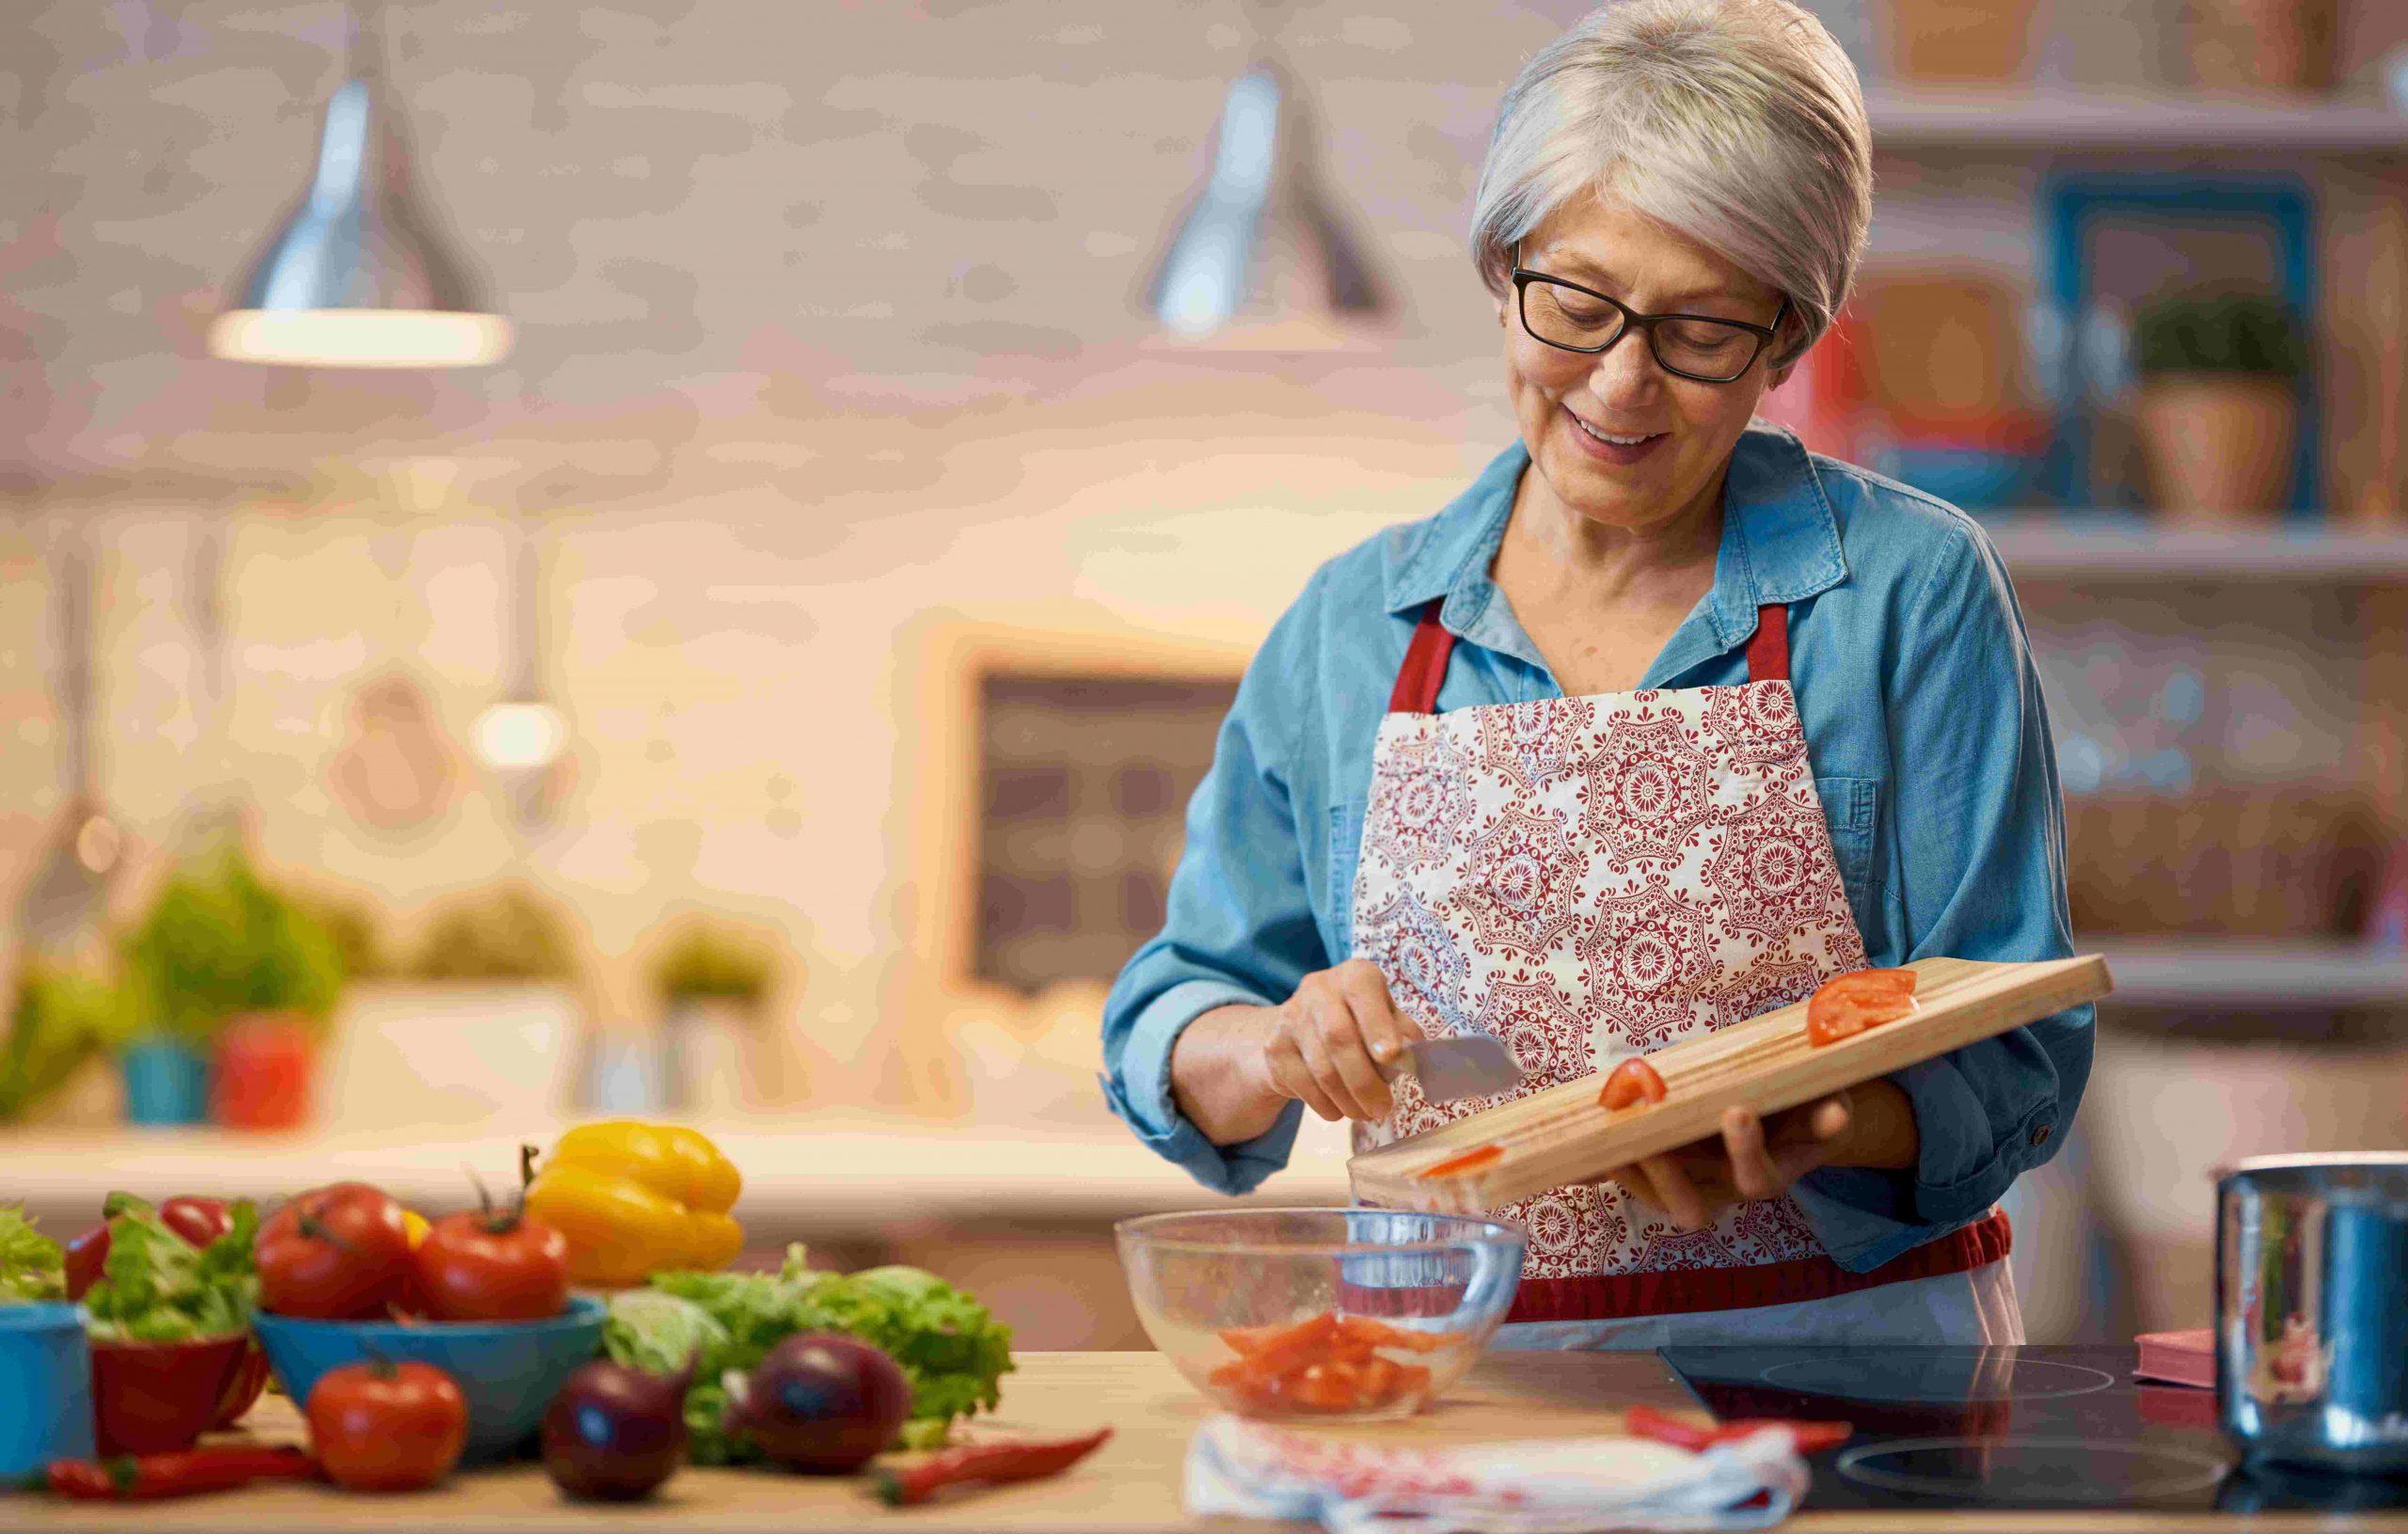 dieta mediterranea e Alzheimer